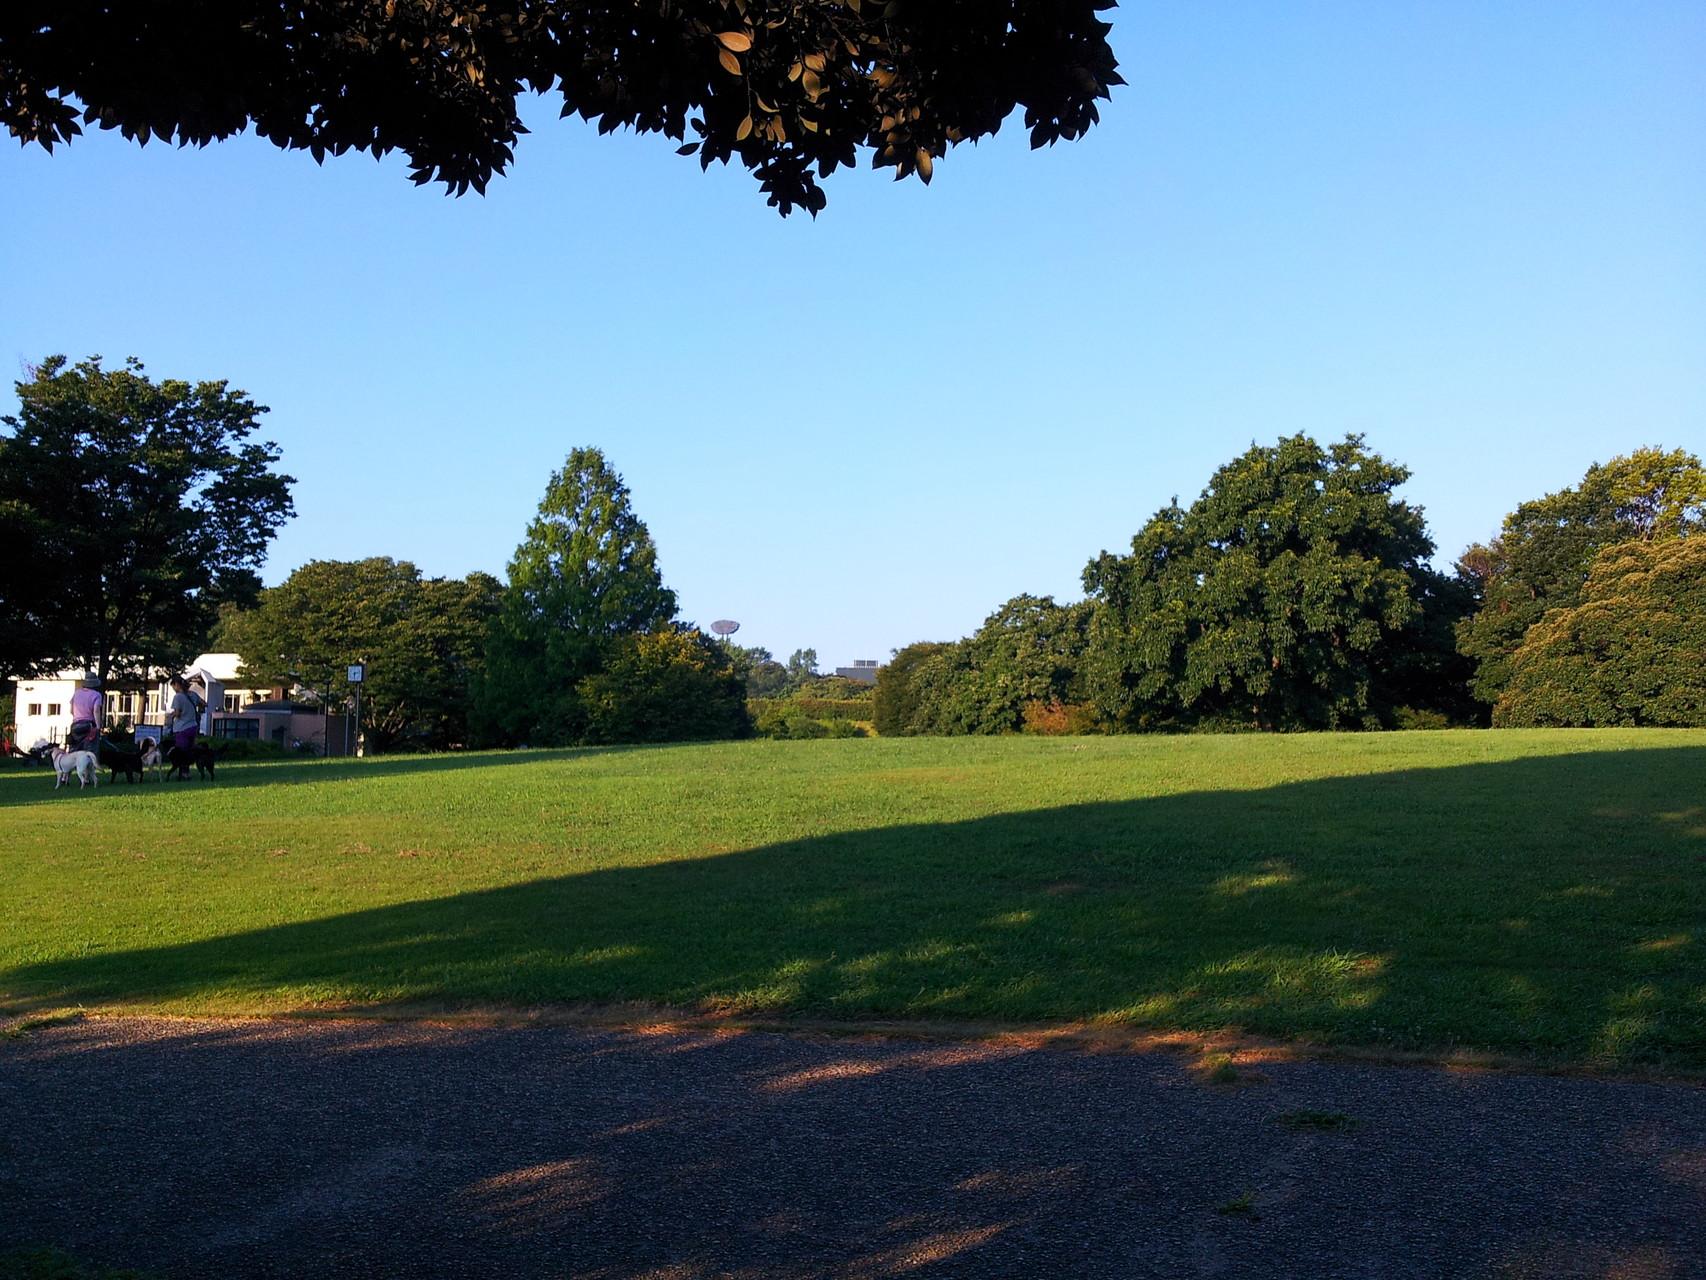 緑が綺麗なプレィグラウンド、中央遠方に保土ヶ谷球場が見える